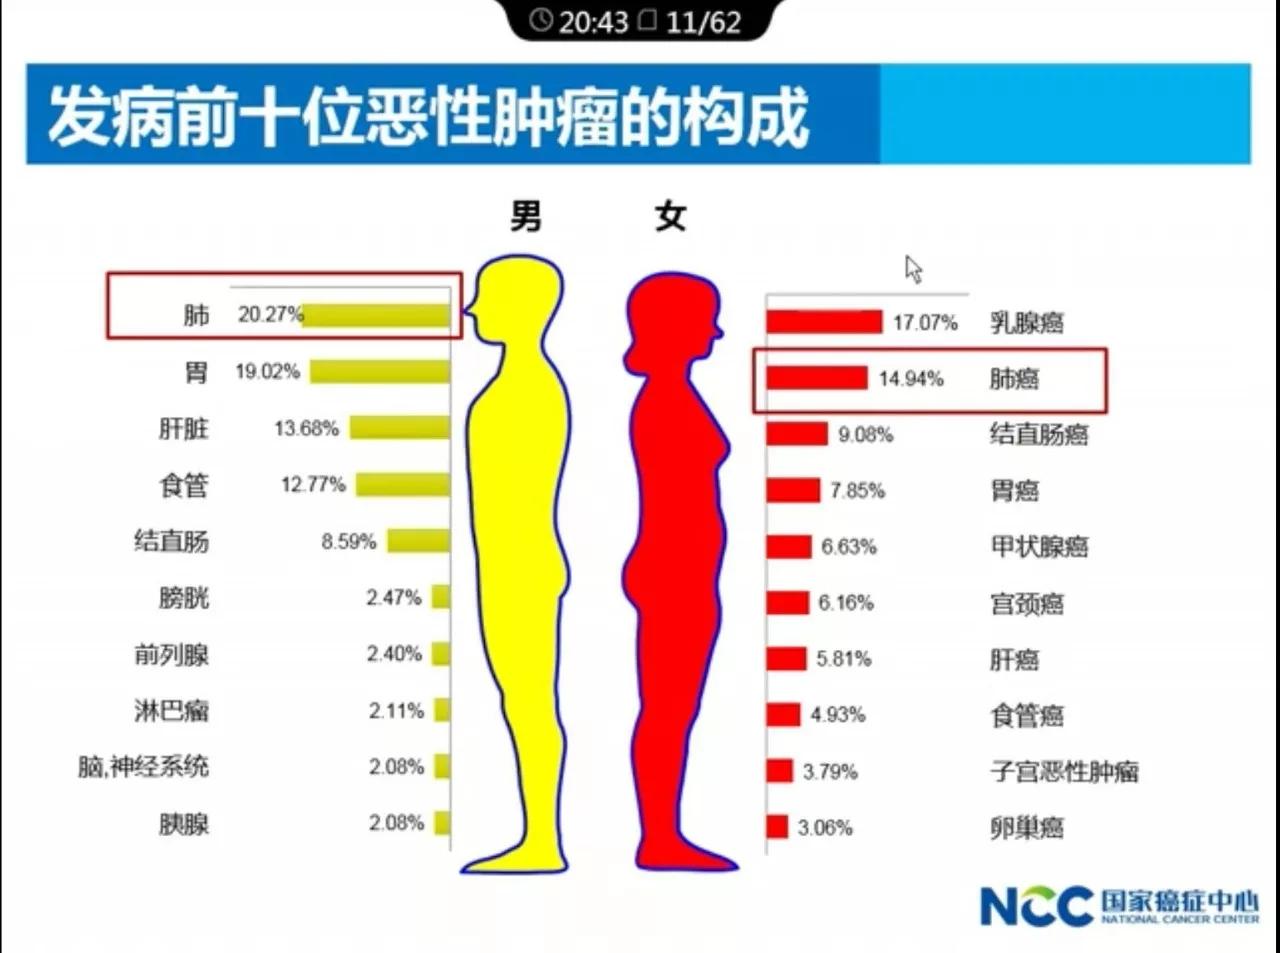 中国医科院肿瘤医院院长解读:2017年中国肿瘤的现况和趋势.webp (2).jpg